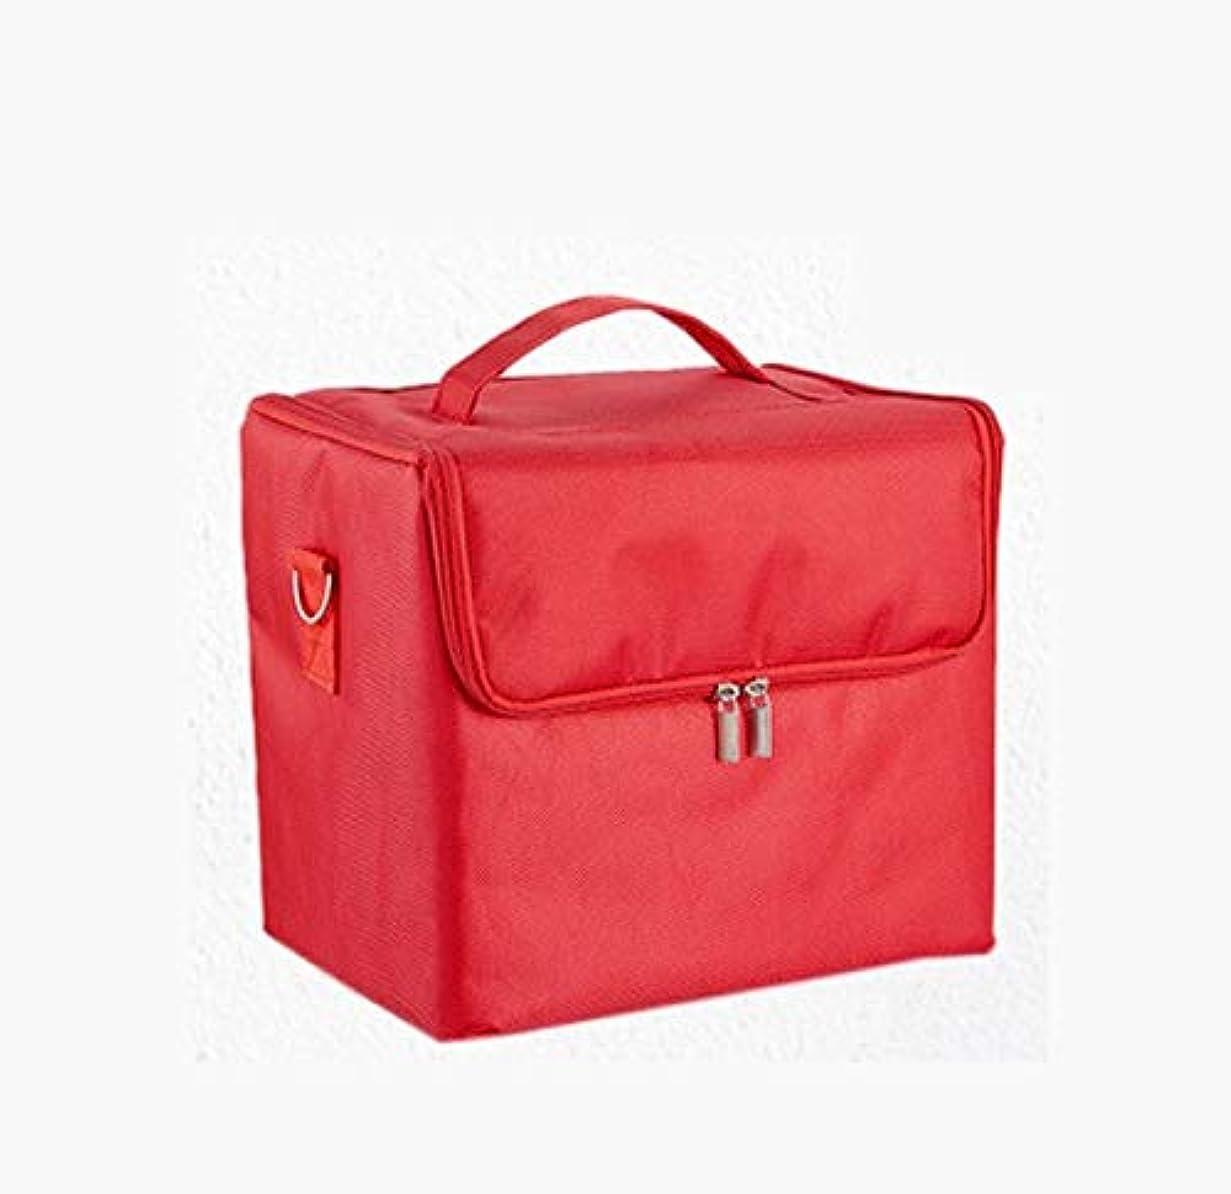 系統的うまジョグ化粧箱、大容量多機能防水化粧品ケース、携帯用旅行化粧品袋収納袋、美容化粧ネイルジュエリー収納箱 (Color : Red)